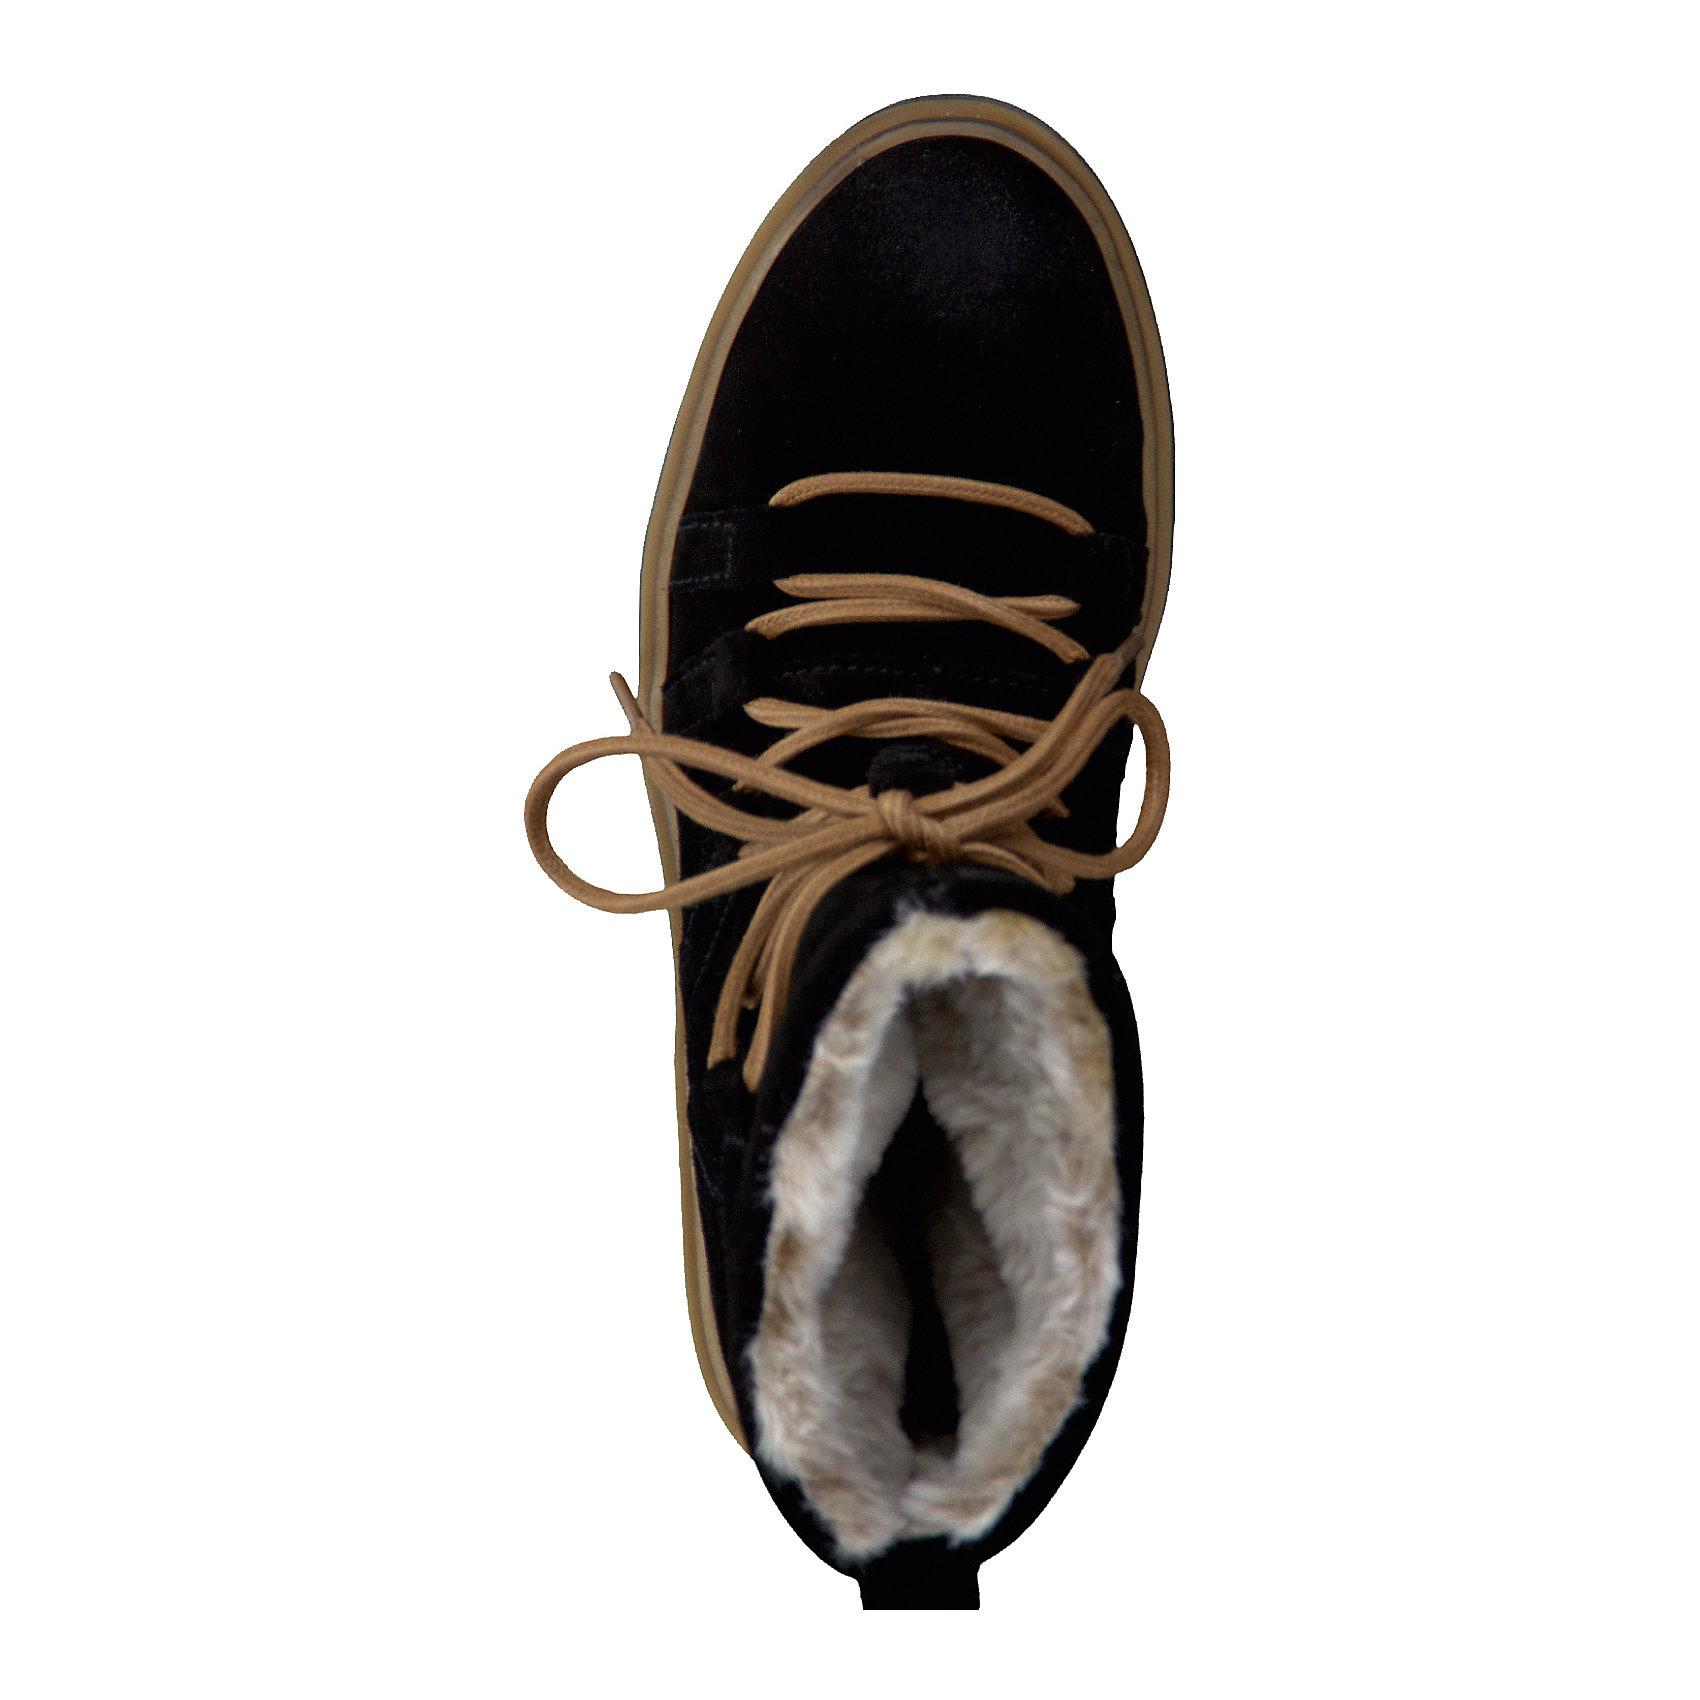 Neu Tamaris Sonia Stiefeletten schwarz 5759687 für Damen schwarz Stiefeletten bordeaux 8d57e4